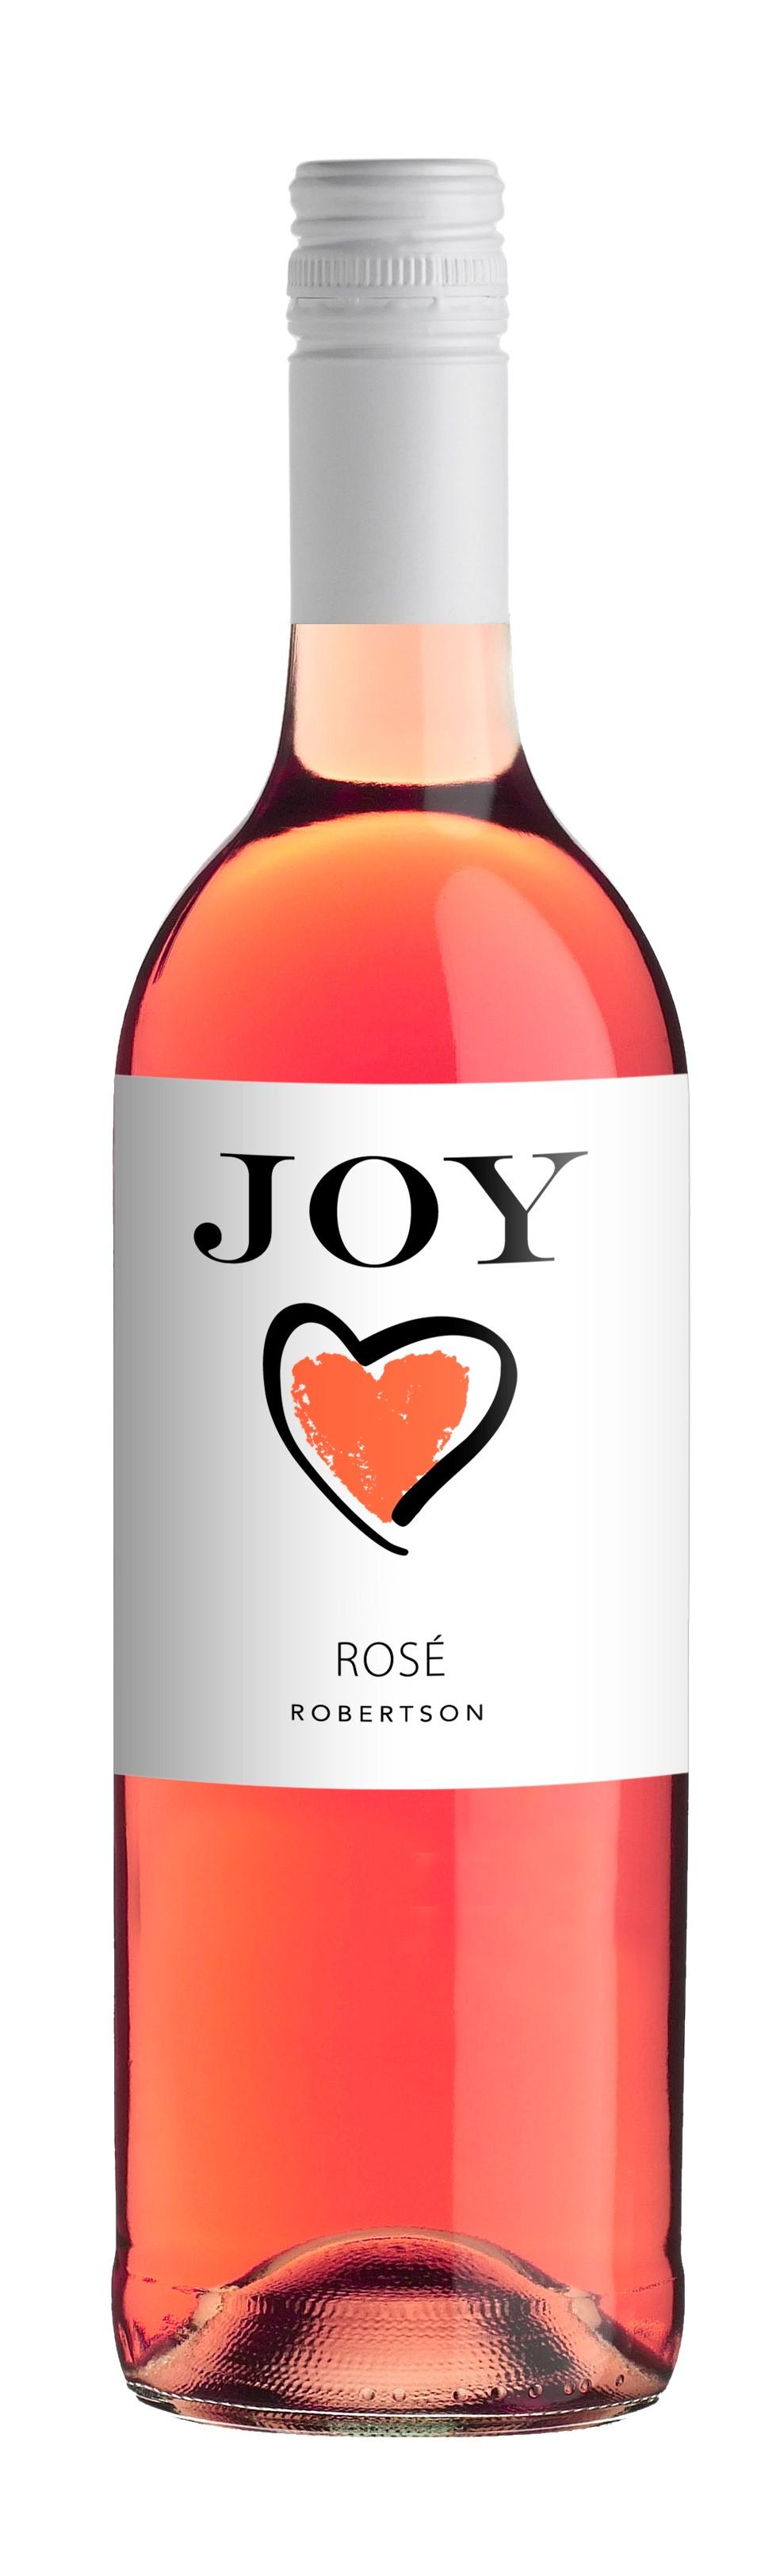 Robertson Joy Rosé 2019